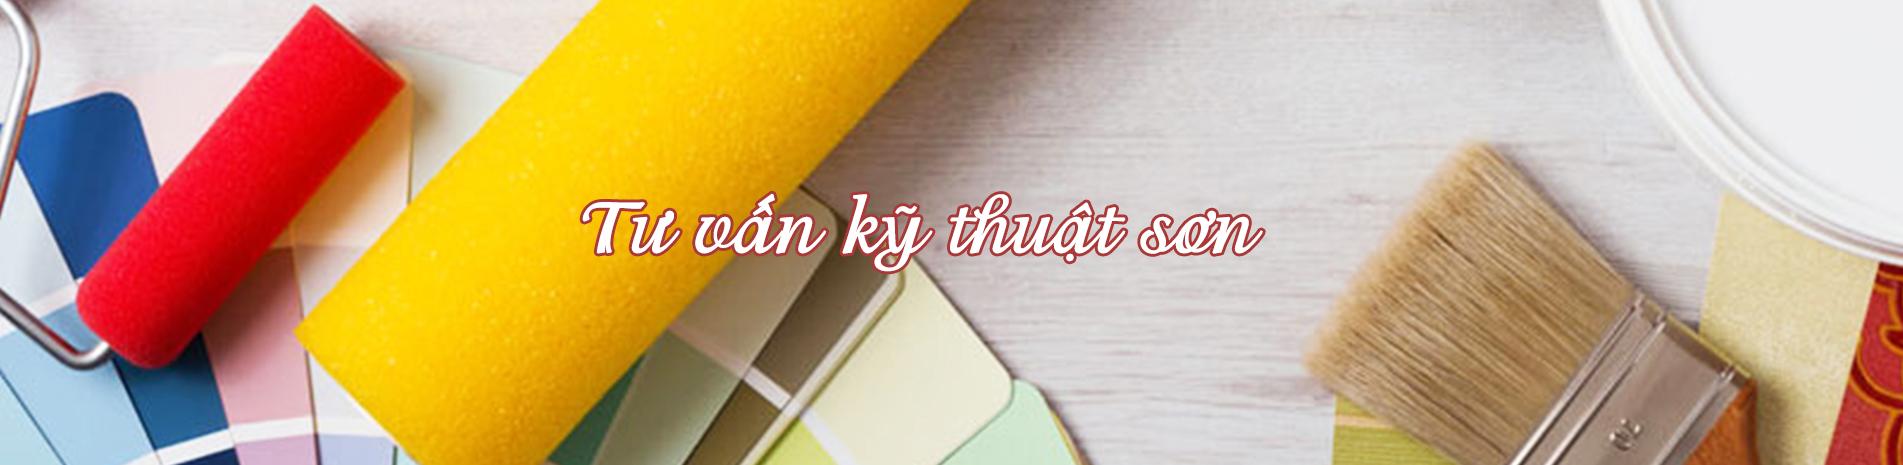 Banner tư vấn kỹ thuật sơn ecoplus